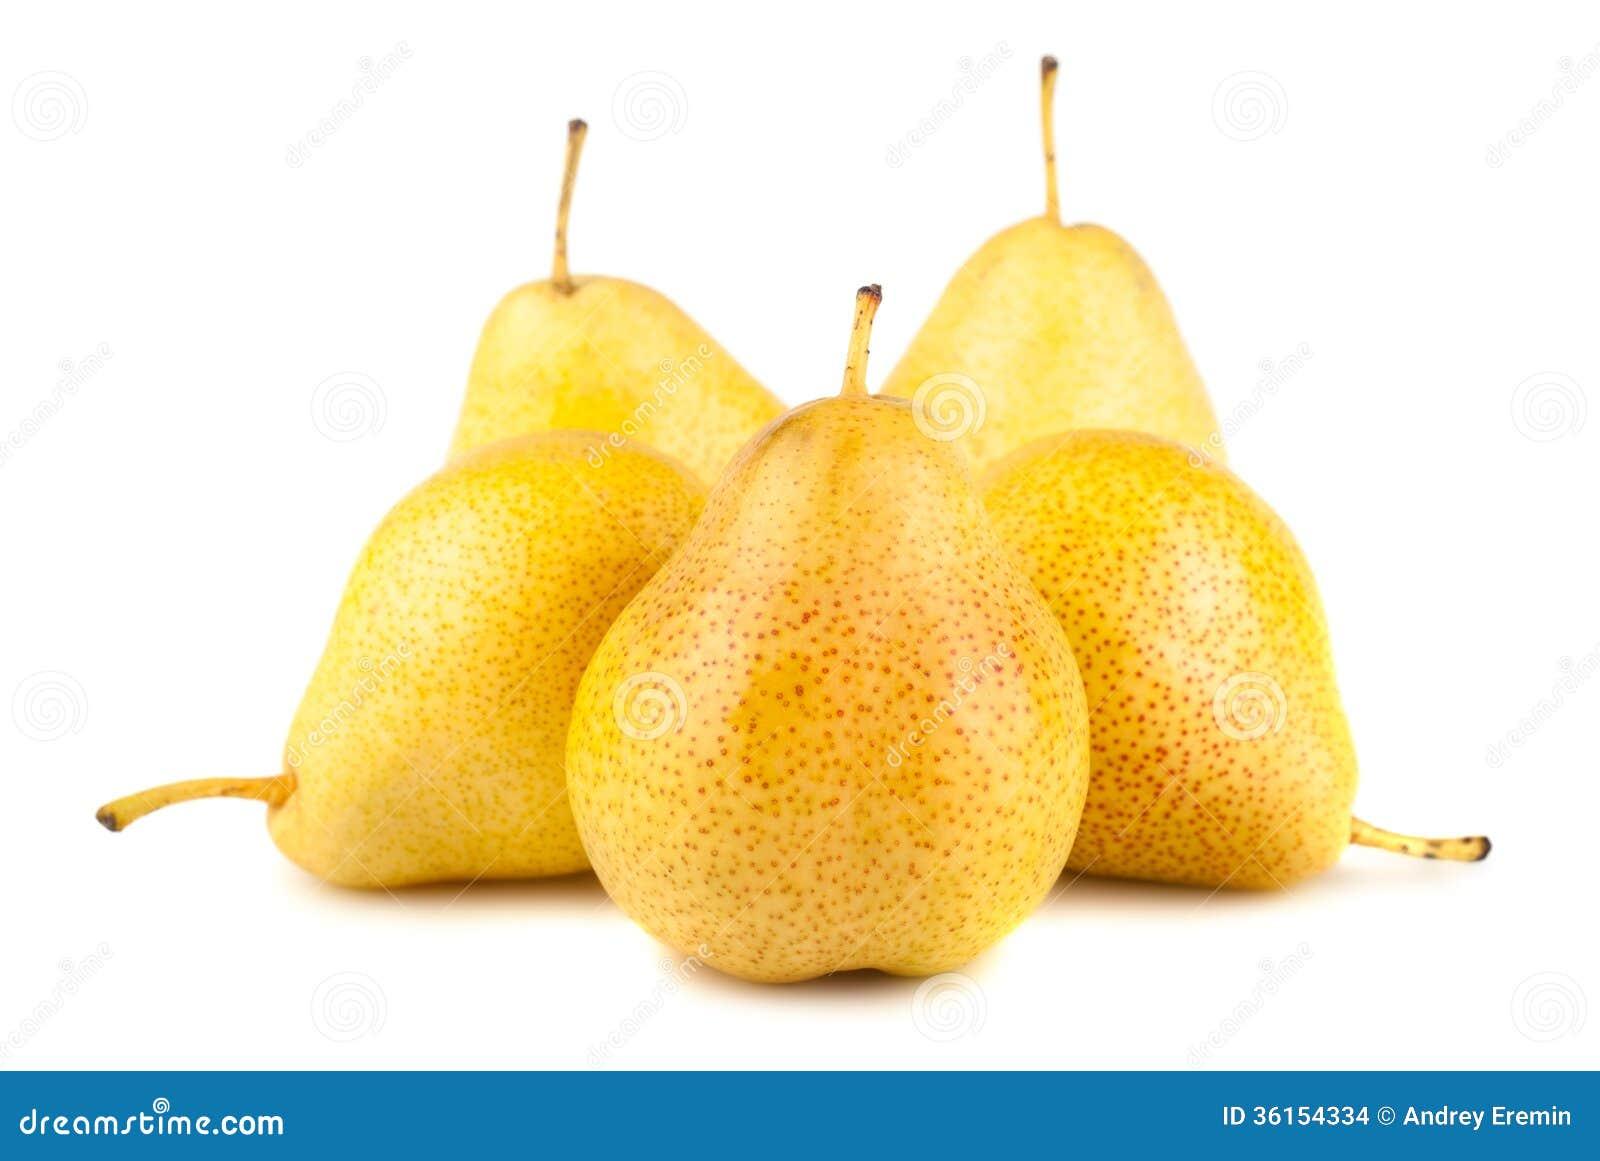 黄色网址黄色笑�_在白色背景的五个黄色成熟梨.